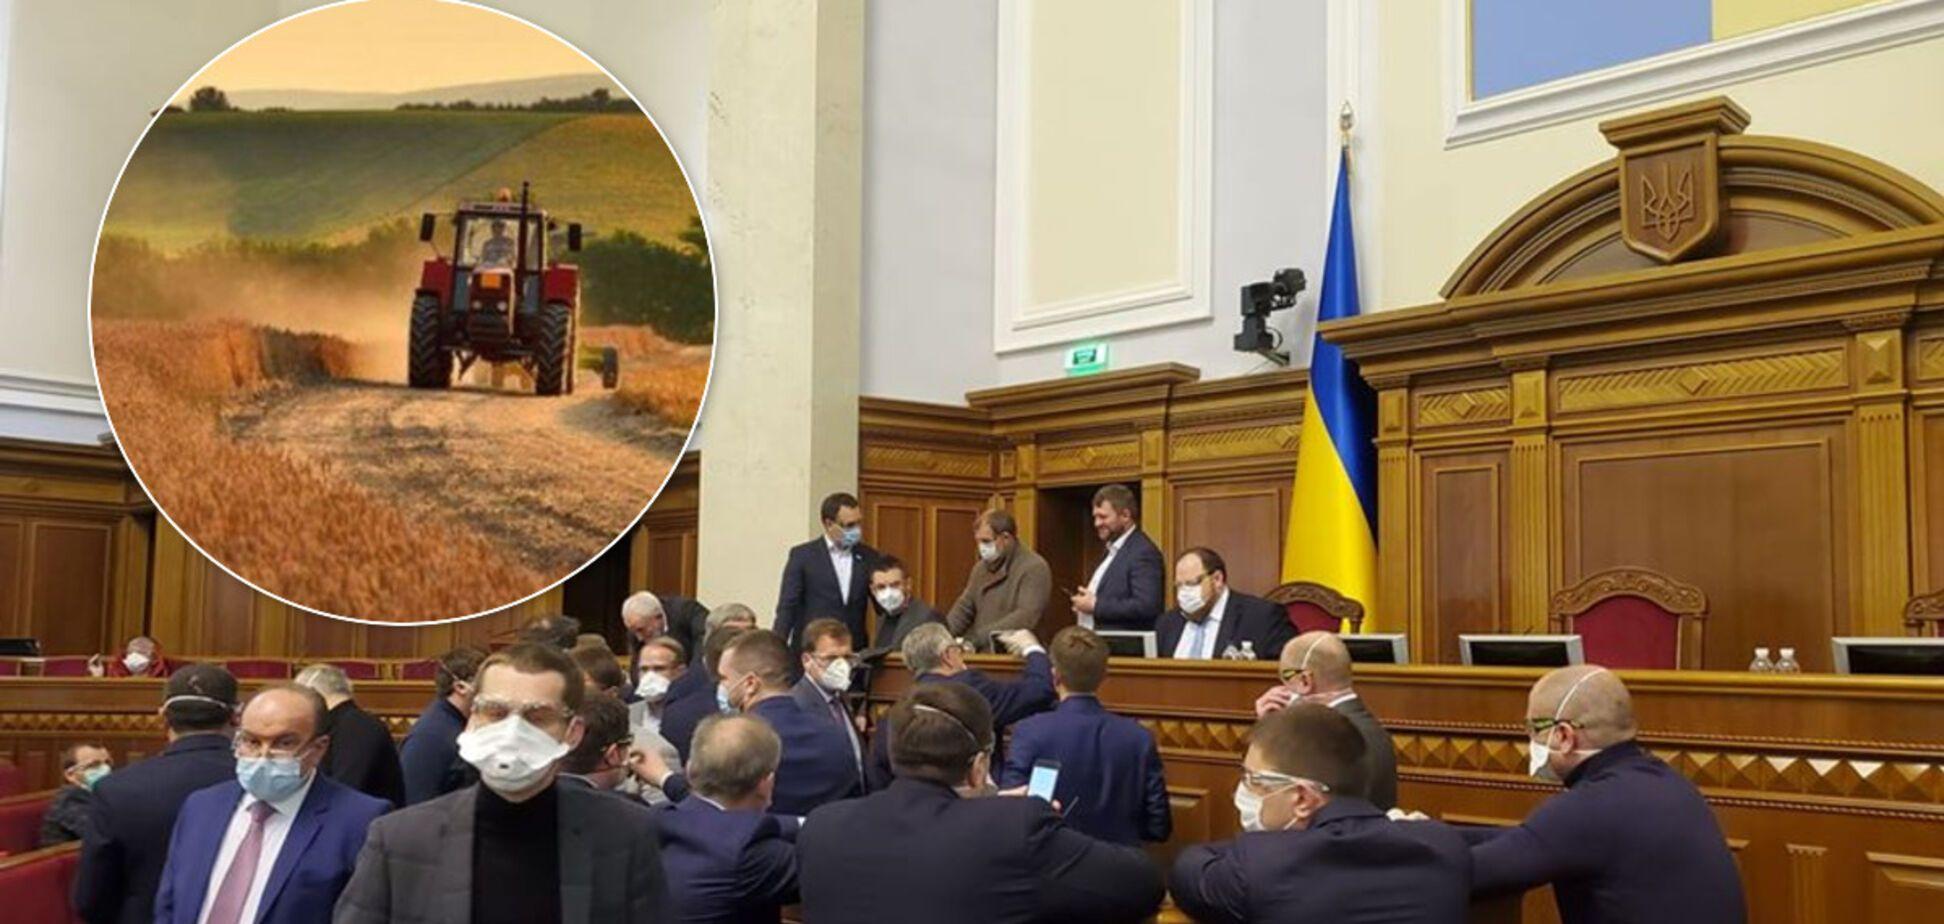 В Україні запустили ринок землі: Рада ухвалила сенсаційне рішення та нові правила